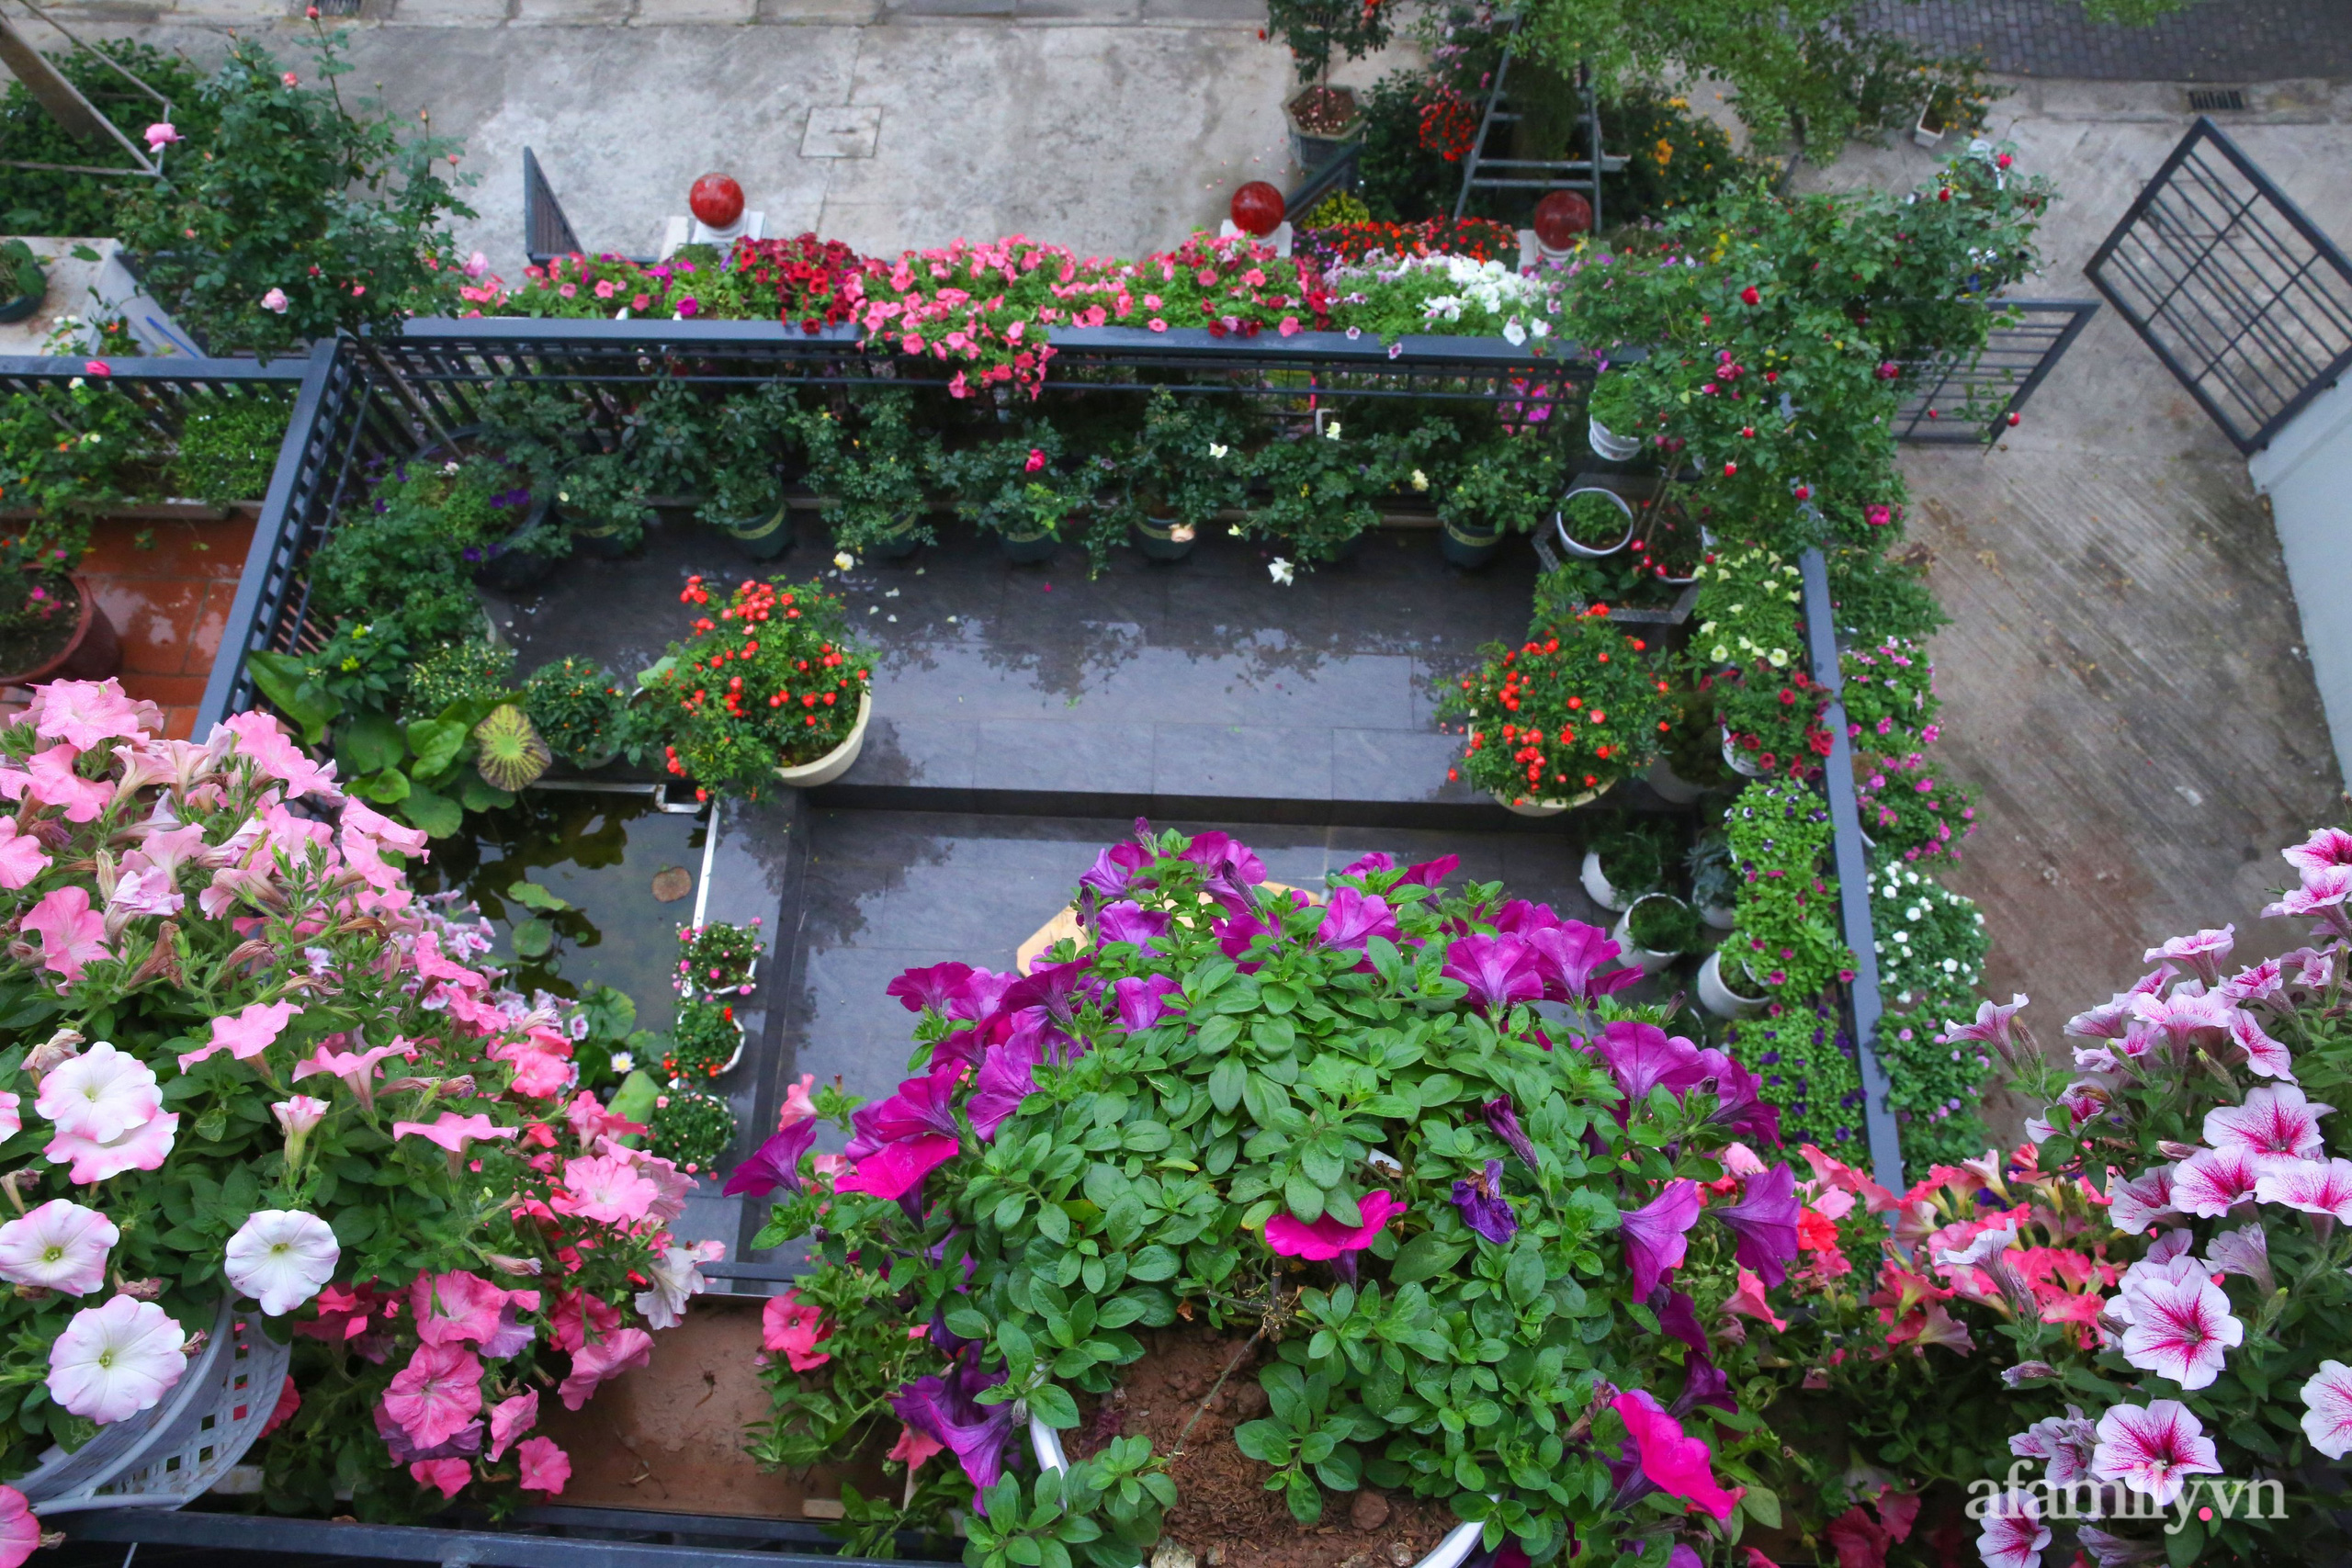 Kinh nghiệm trồng dạ yến thảo nở rực rỡ đủ sắc màu phủ kín mặt tiền nhà phố Hà Nội - Ảnh 6.